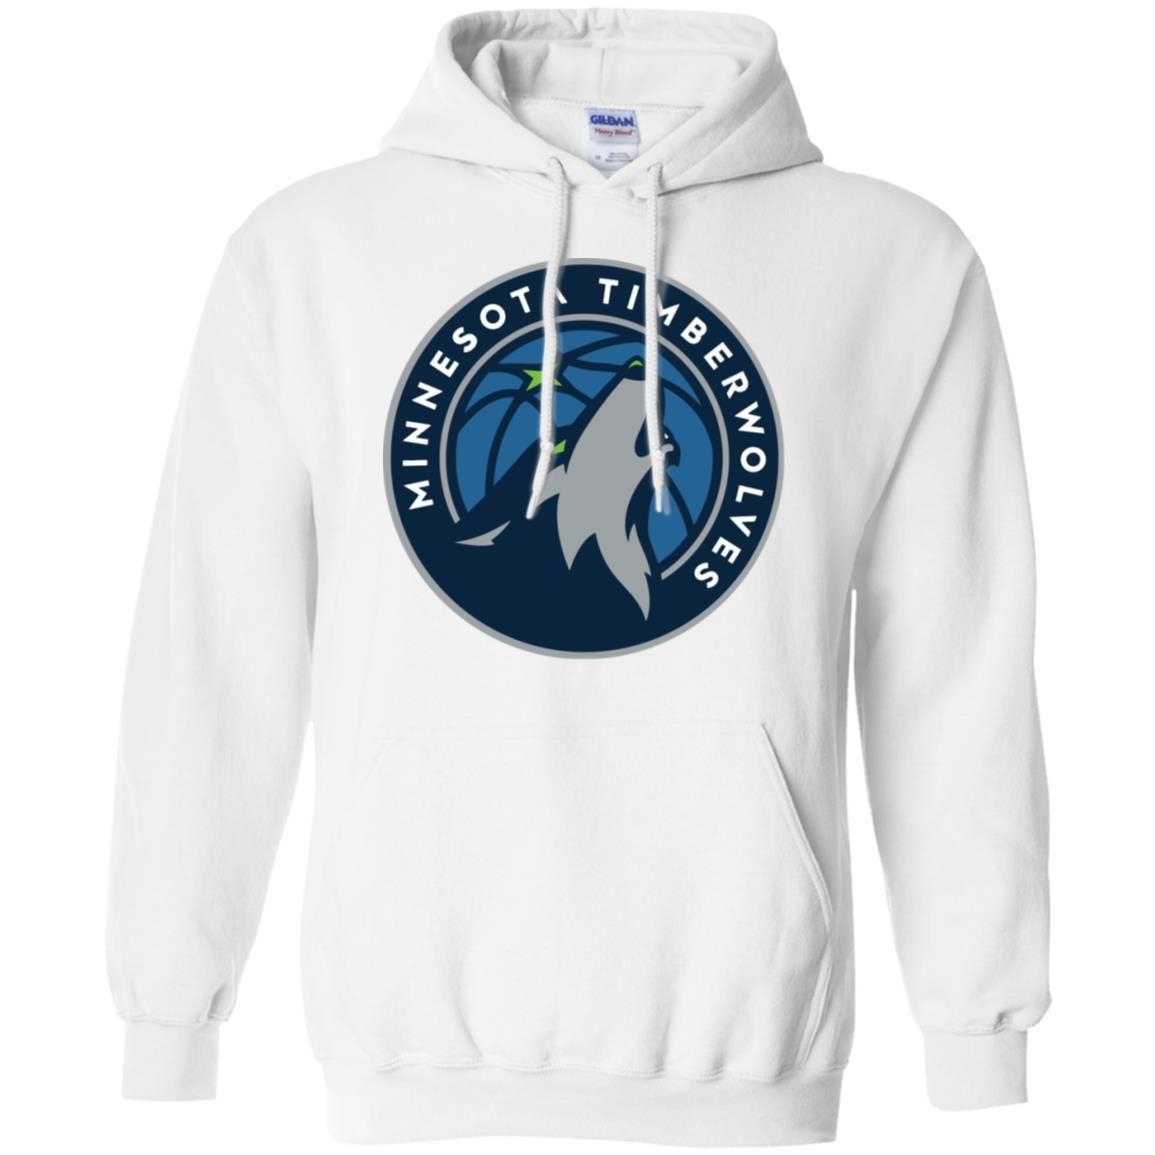 Minnesota Timberwolves Sweatshirts Hoodie Sweatshirts Hoodies